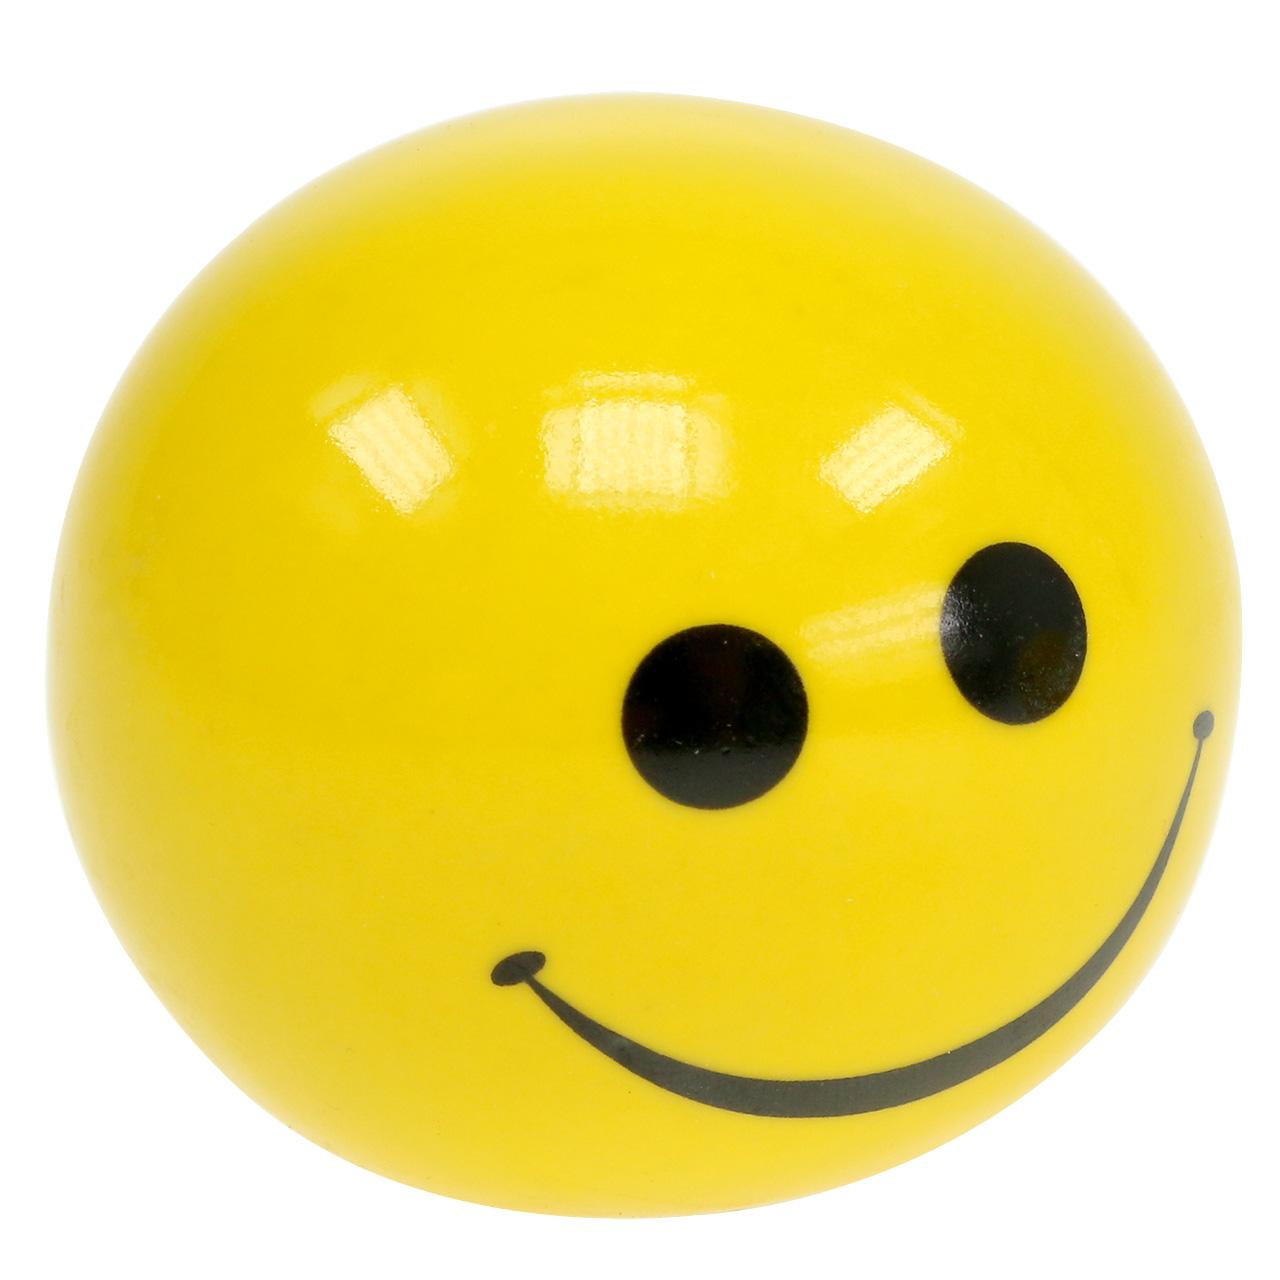 Kula ceramiczna z smeili żółta Ø5cm H4,5cm 6szt.